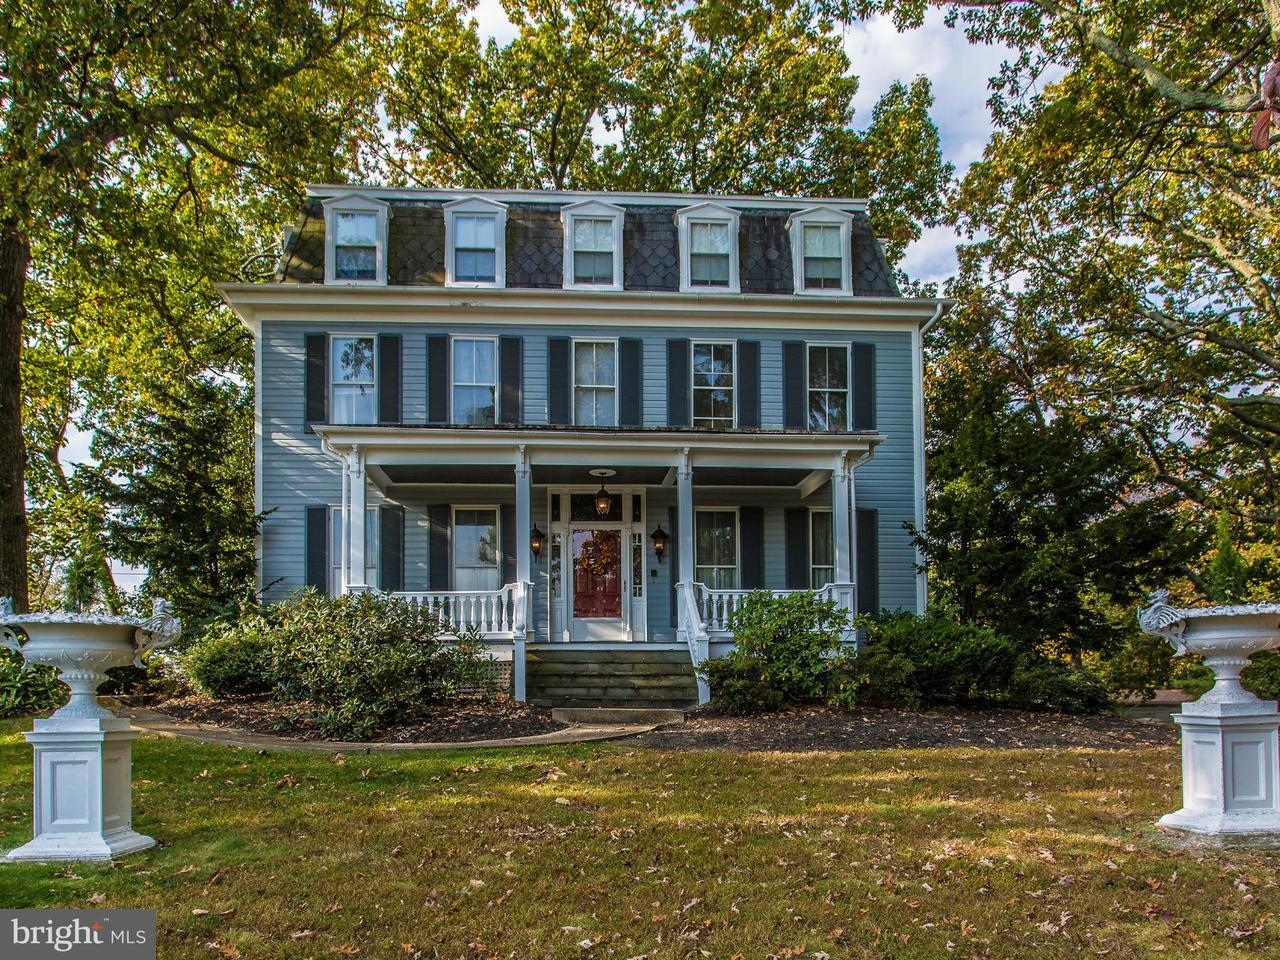 獨棟家庭住宅 為 出售 在 10003 Kelly Road 10003 Kelly Road Walkersville, 馬里蘭州 21793 美國